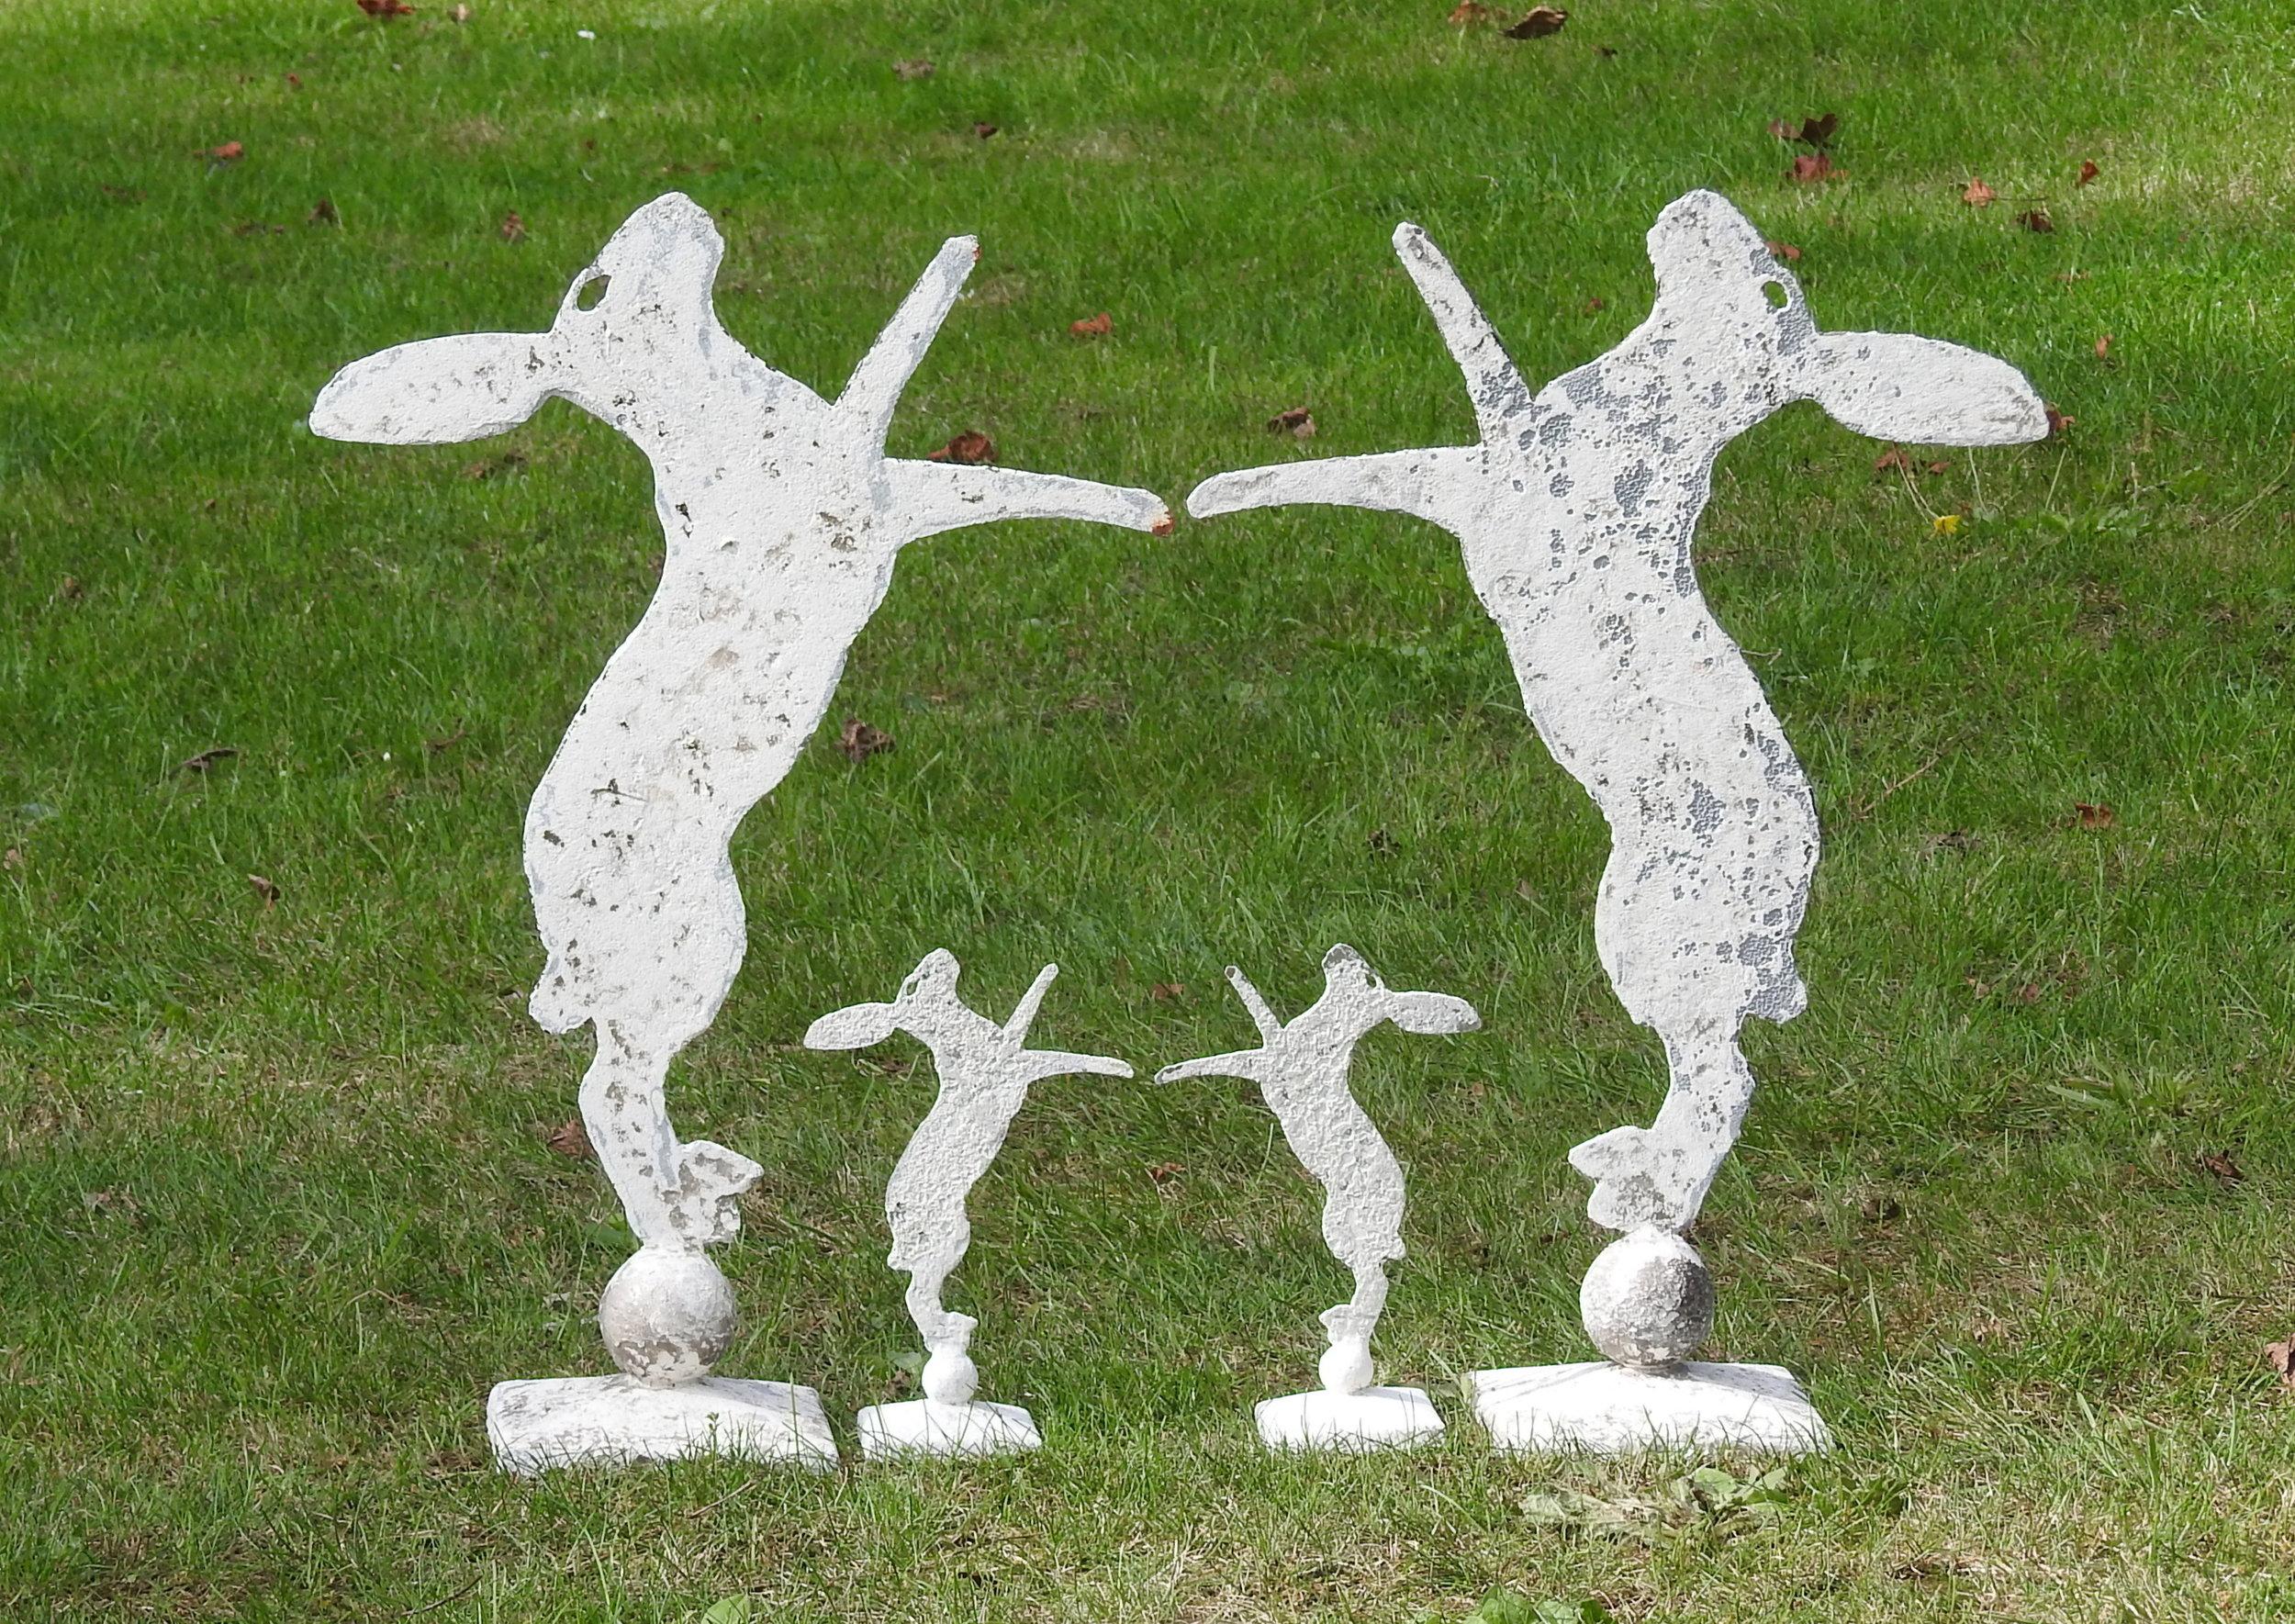 Medium Hares - £120prMini Hares - £50pr - Medium: 47 x 32cmMini: 19 x 12cm